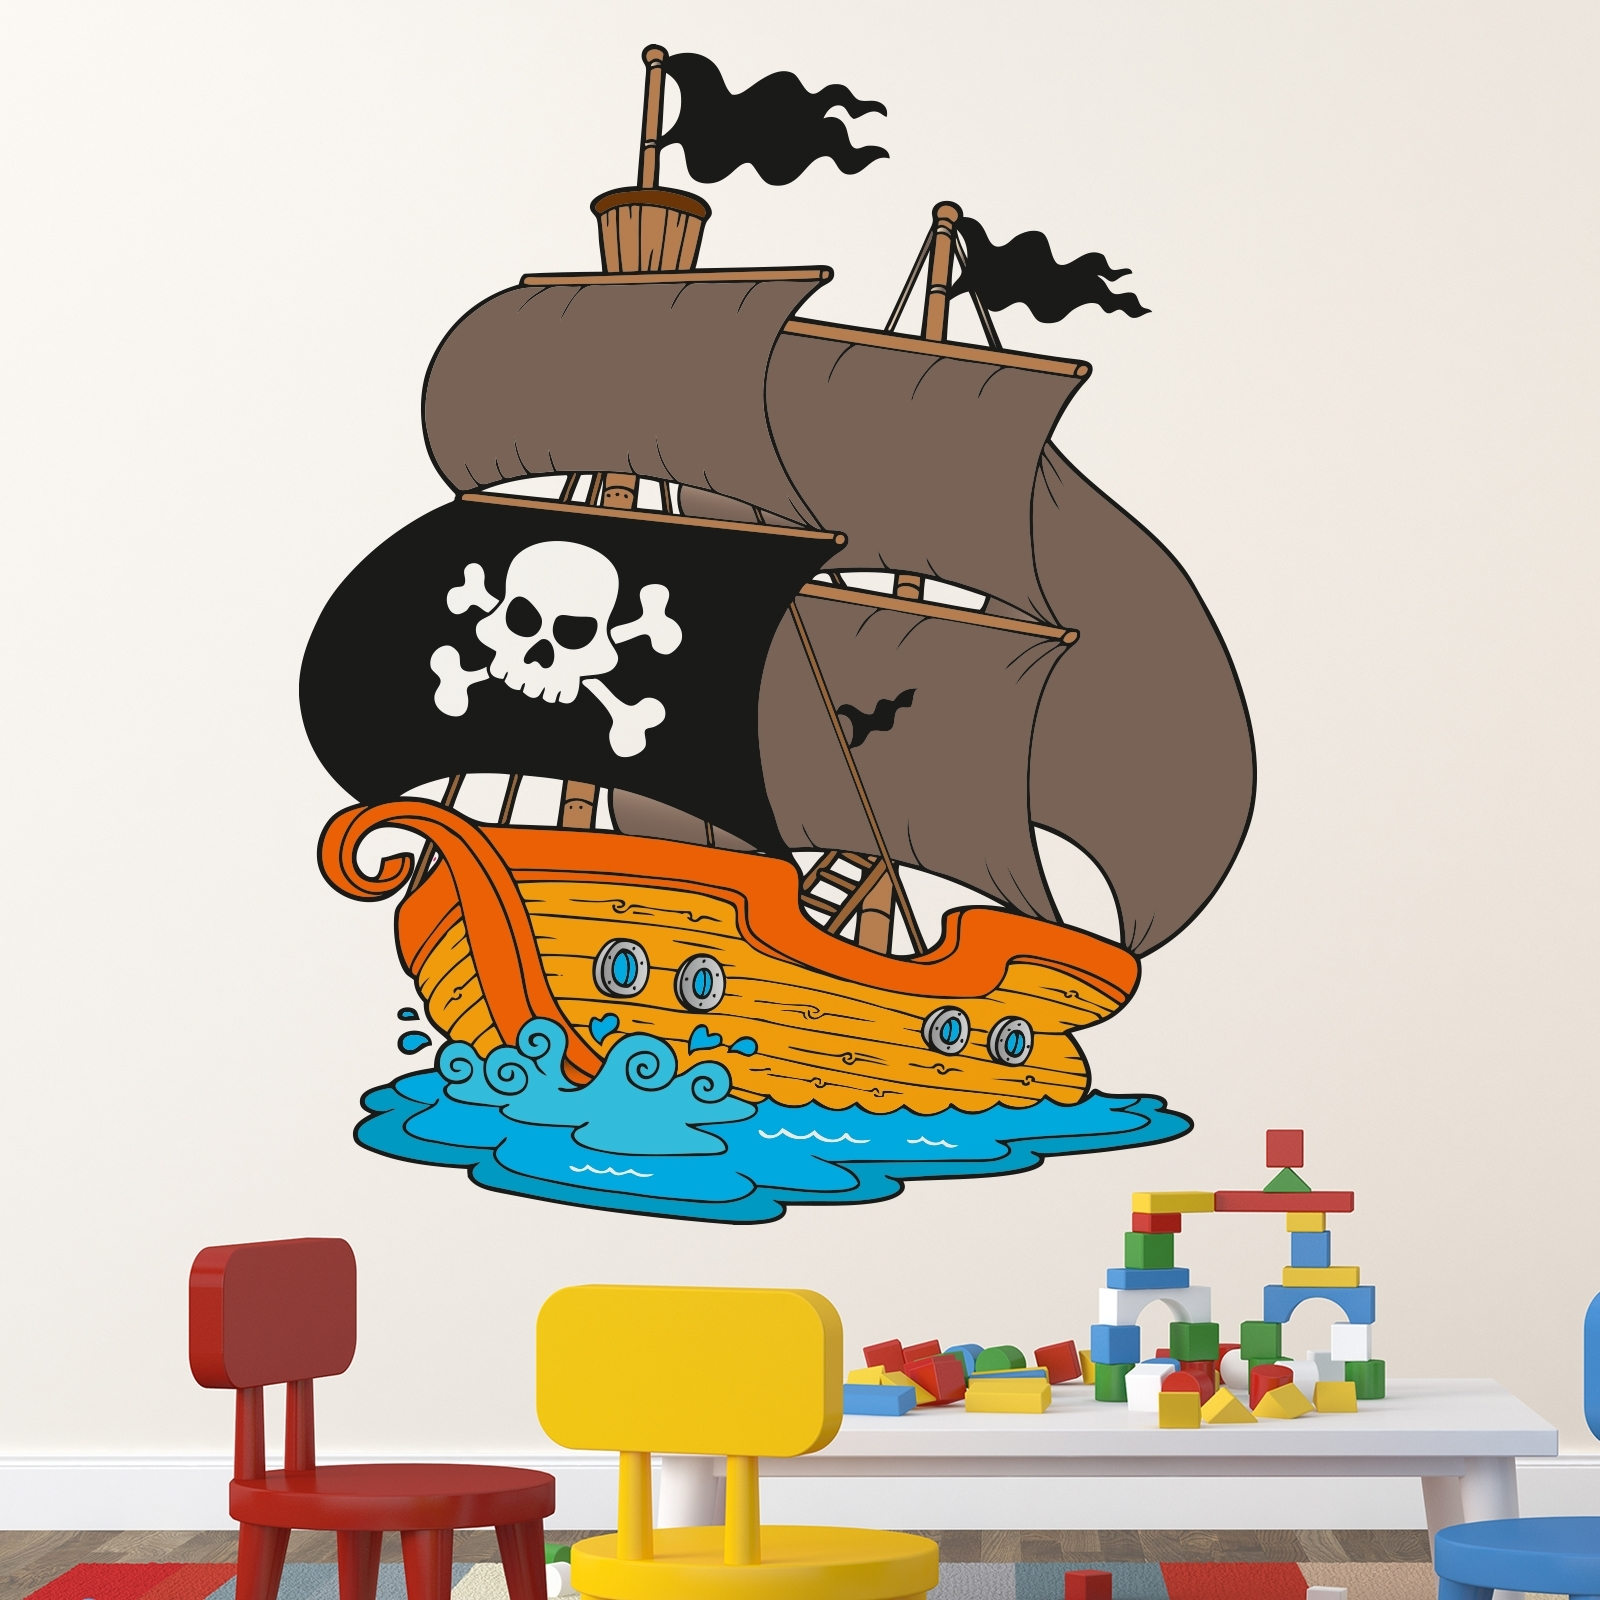 Wallprint wandtattoo piratenschiff 49cmx60cm comic for Wandtattoo piratenschiff